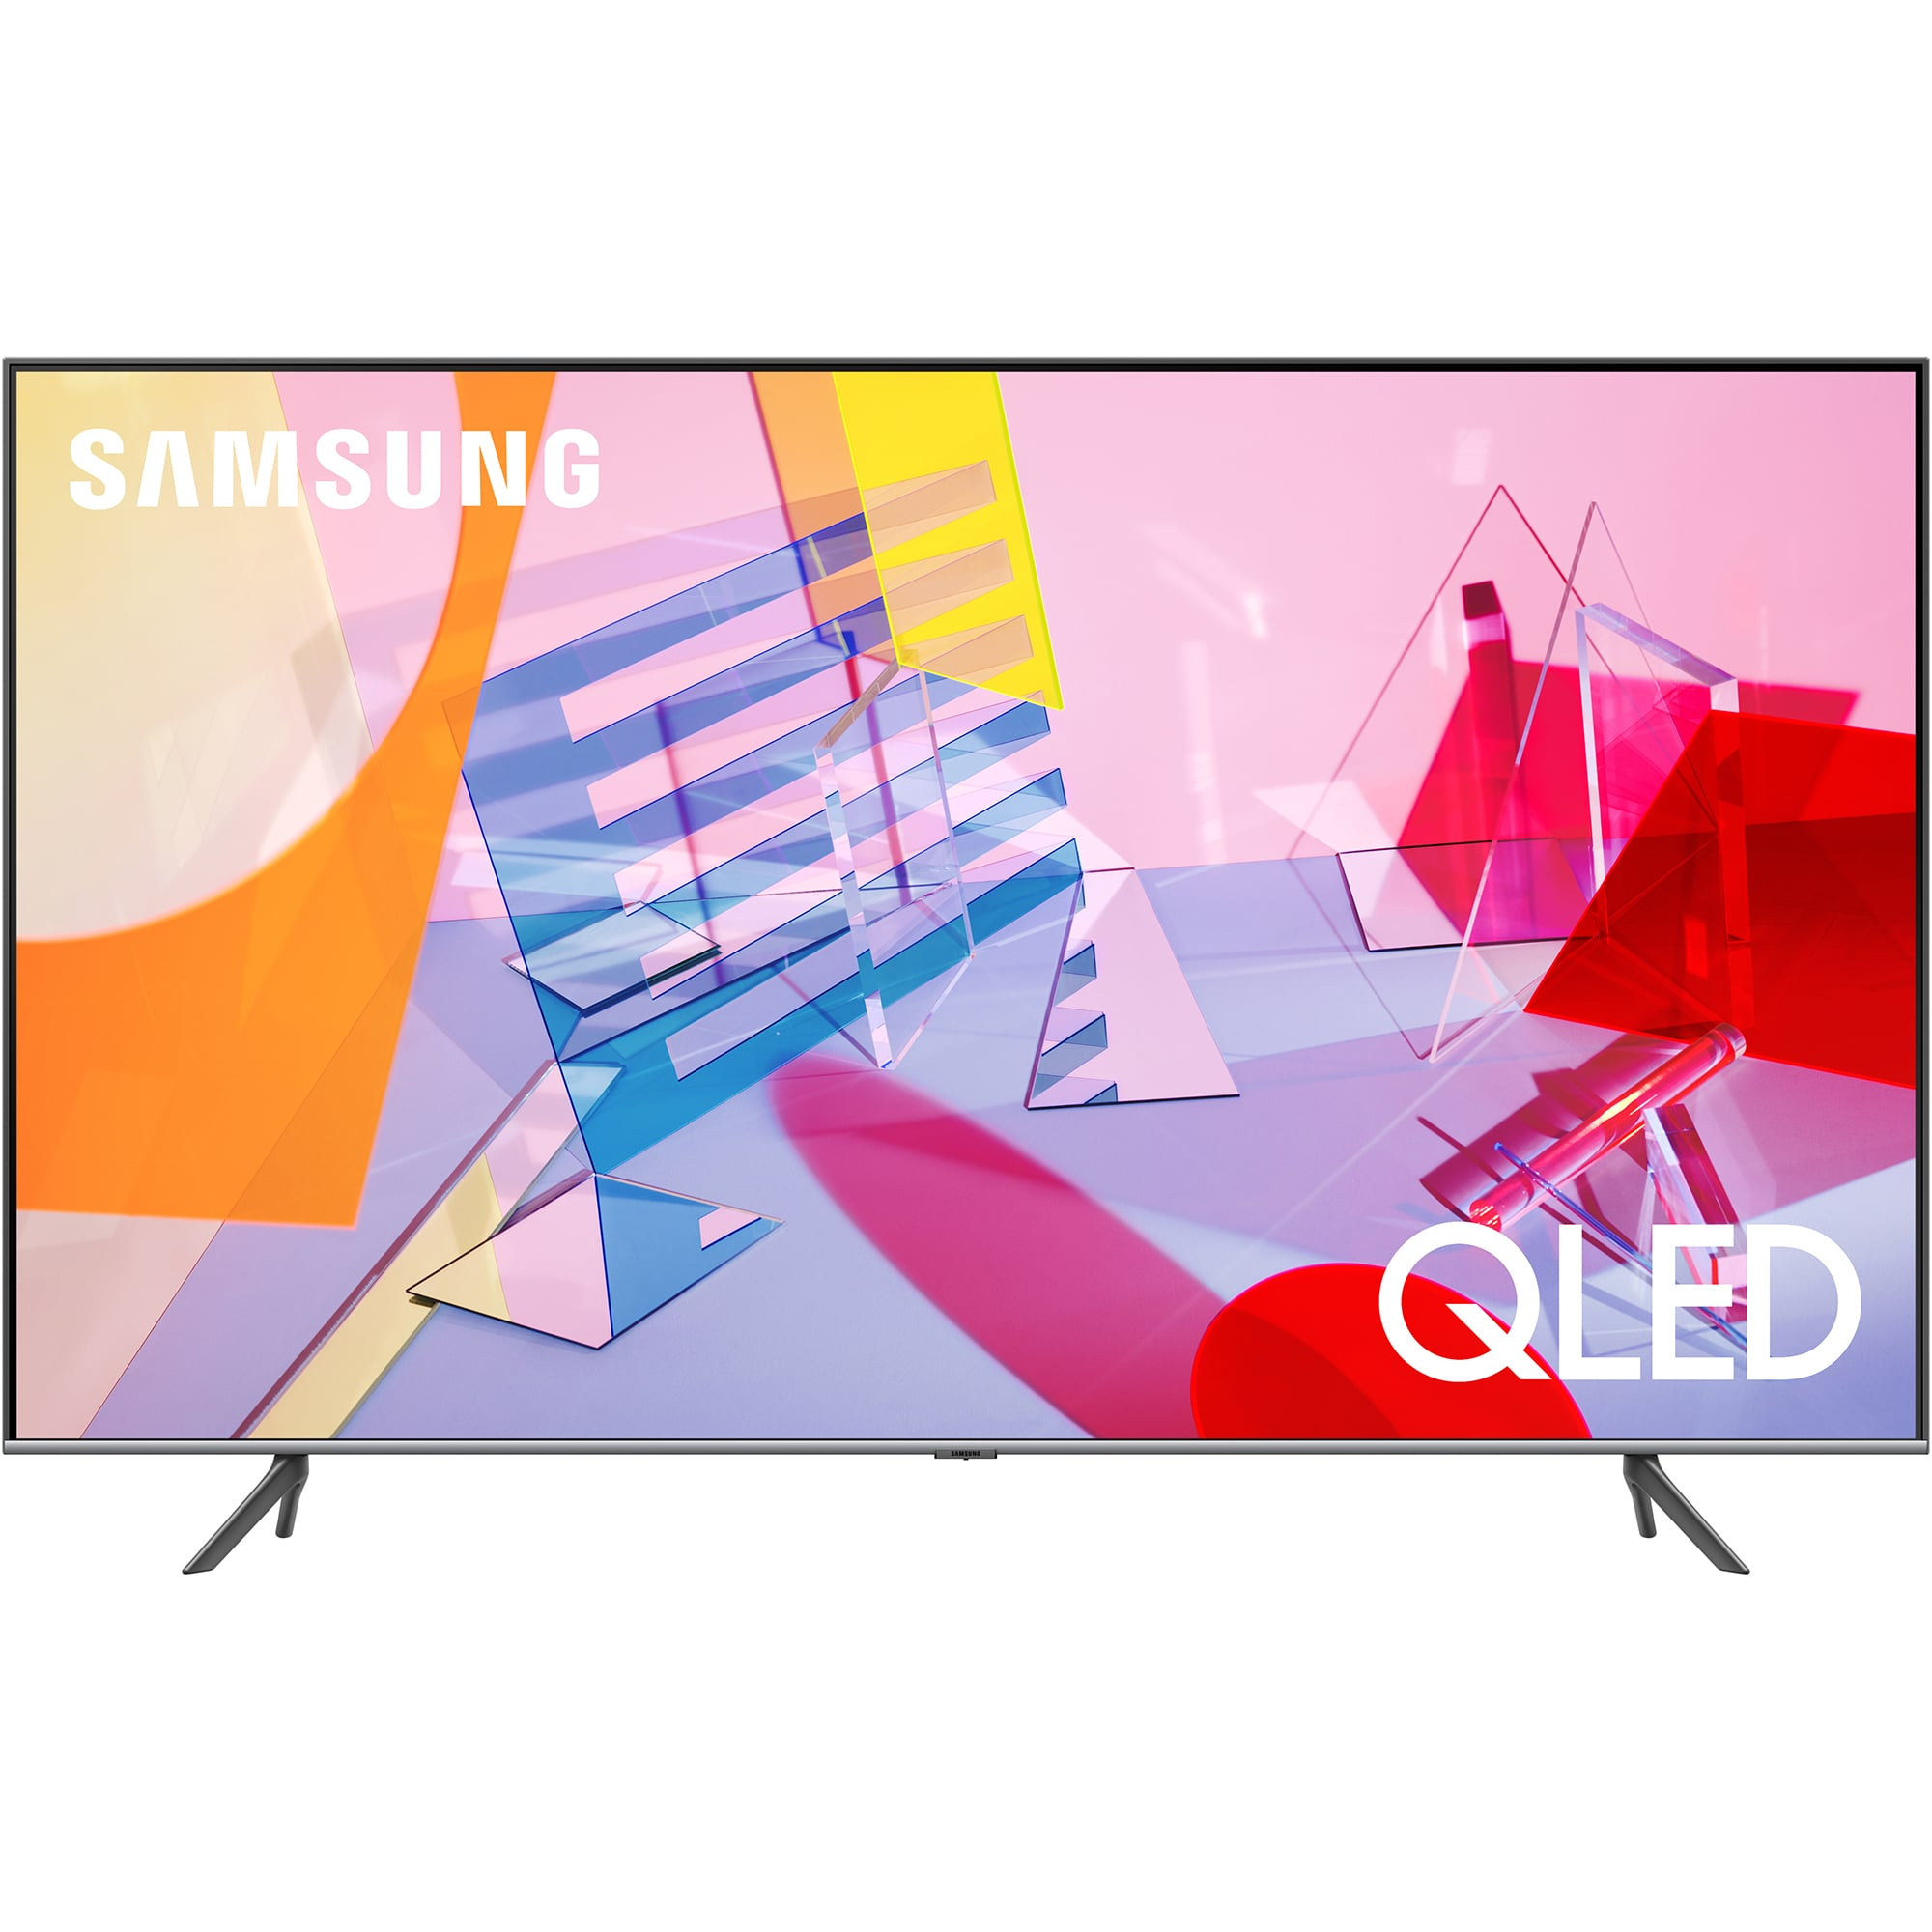 Fotografie Televizor Samsung 55Q65T, 138 cm, Smart, 4K Ultra HD, QLED